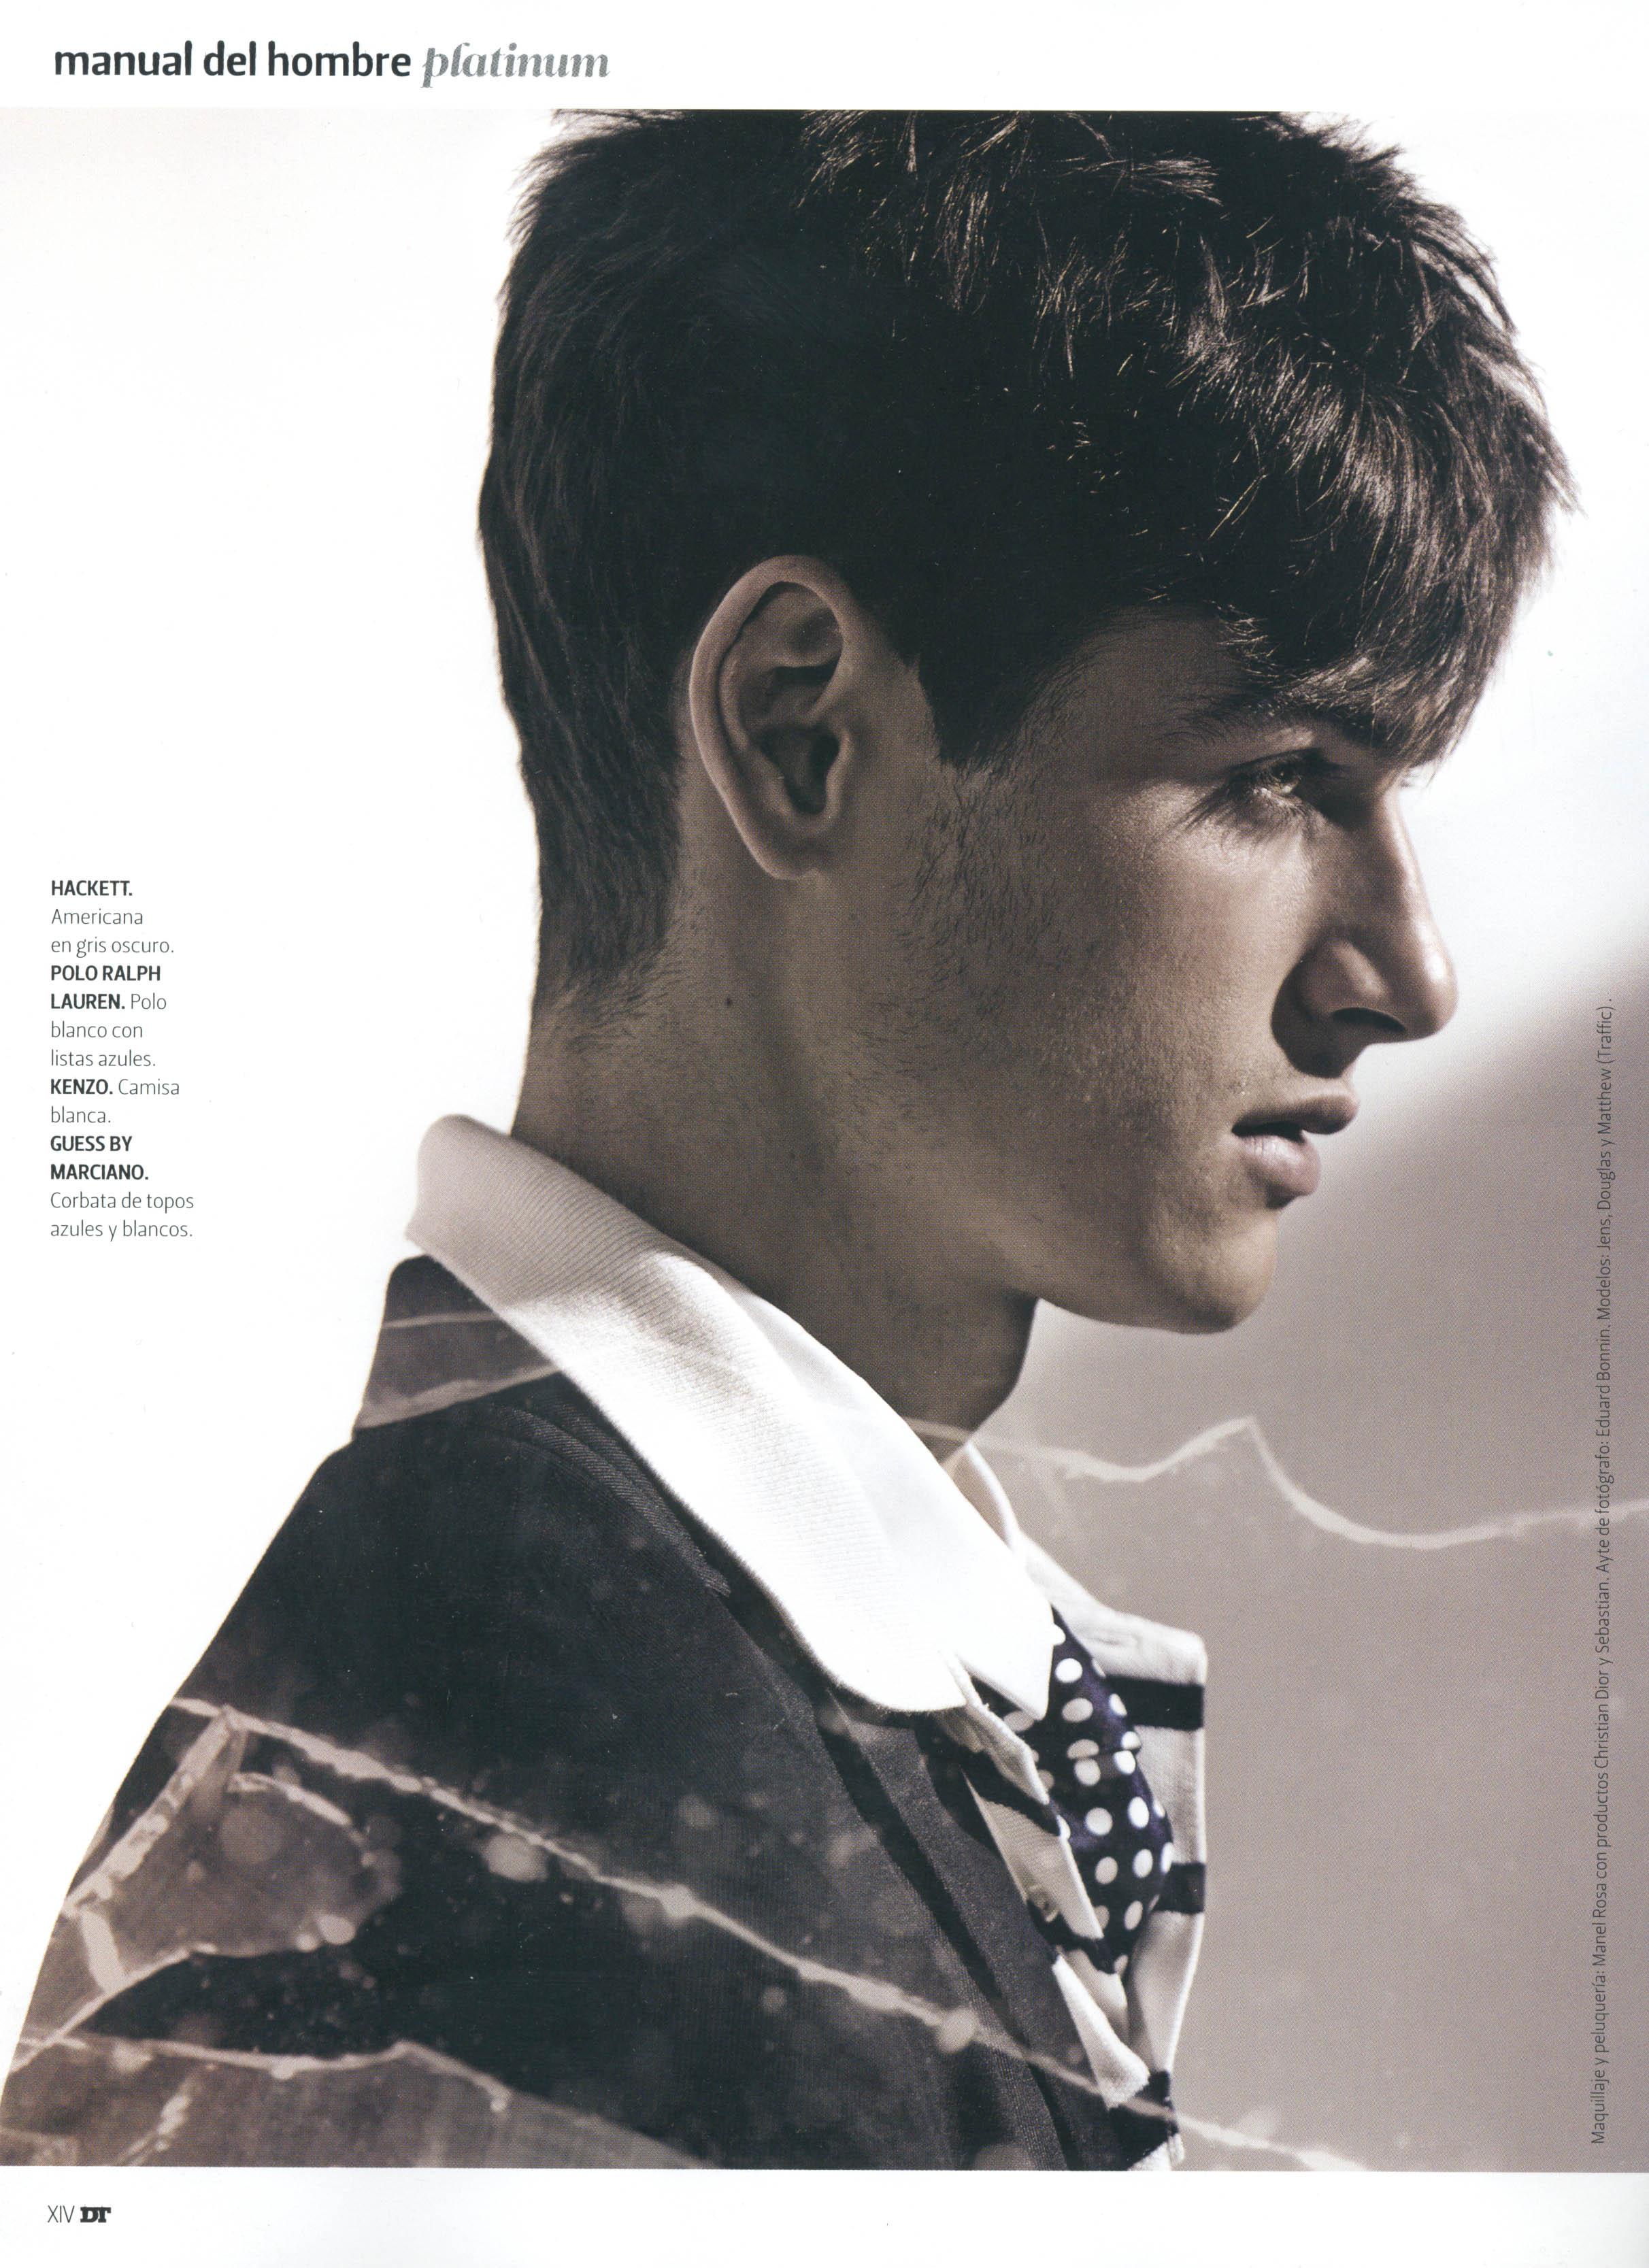 Fashionisto Inbox - Matthew Coatsworth In DT Magazine (Spain)